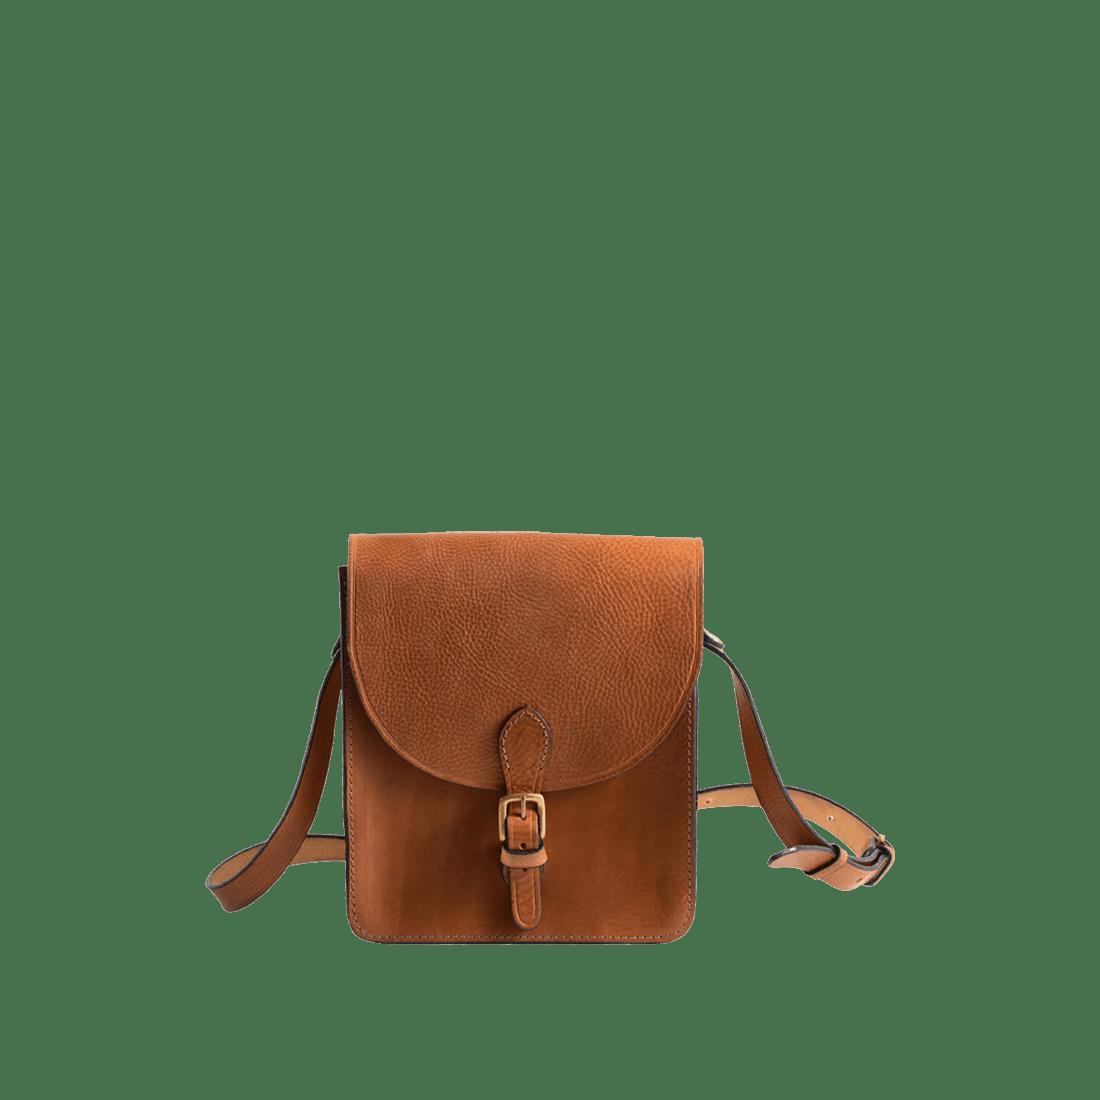 Mackenzie Leather book bag